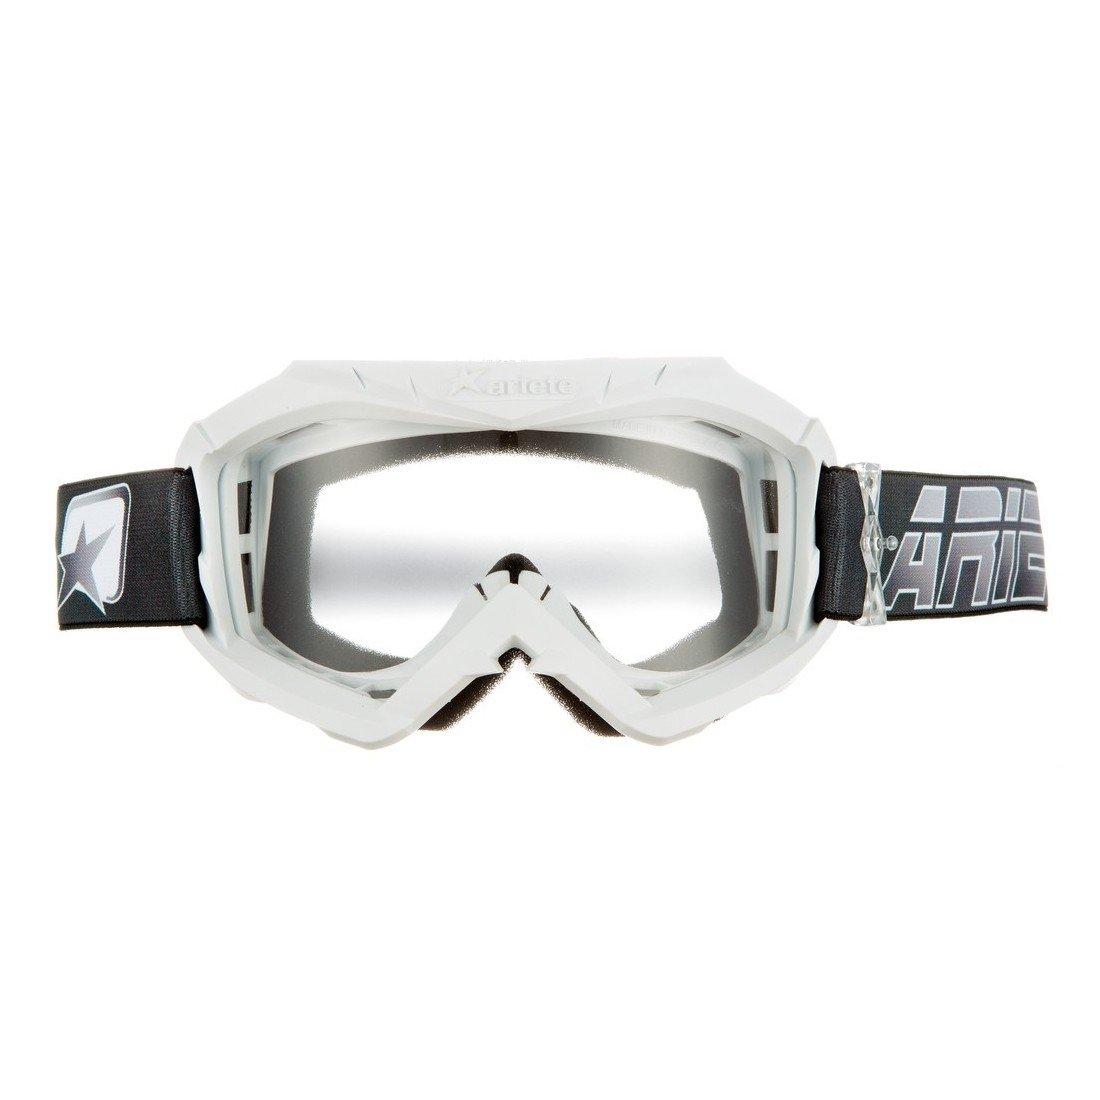 Ariete Lunettes de aaab AR 12960Femme Blanc, One Size AR 12960-AAAB